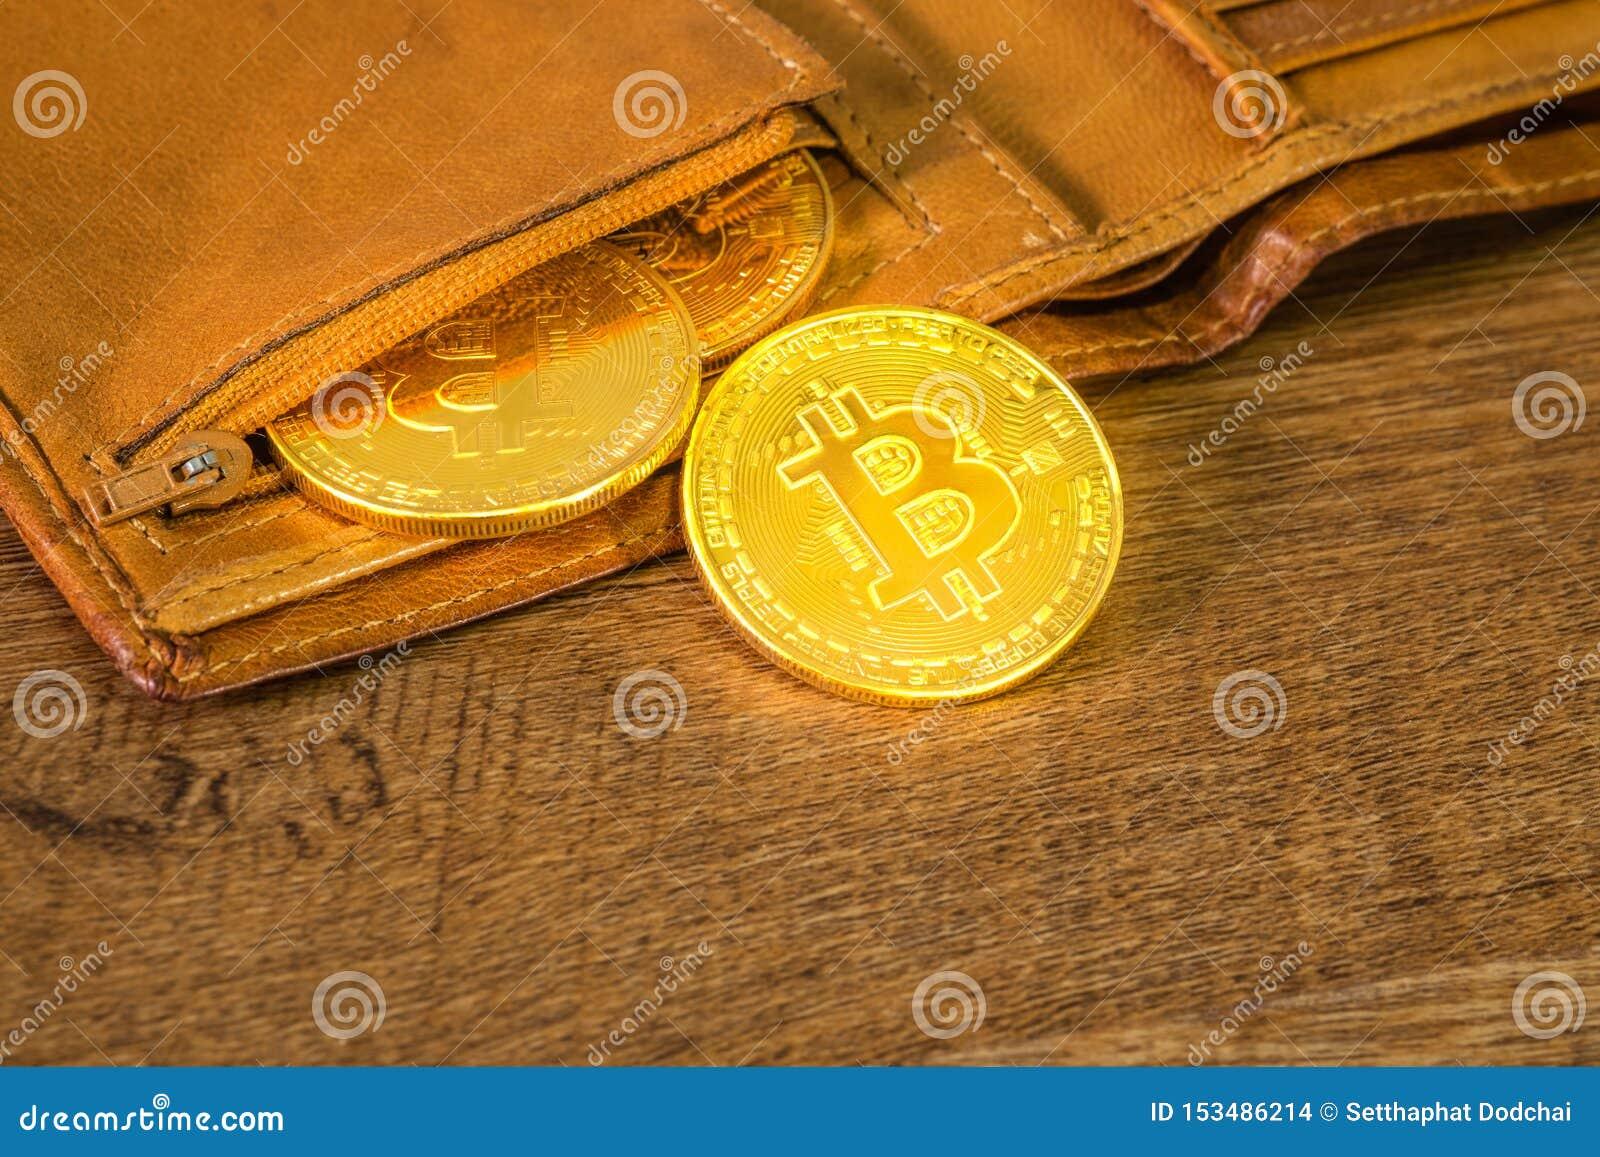 Cartera para bitcoins stock currim curriculum mining bitcoins